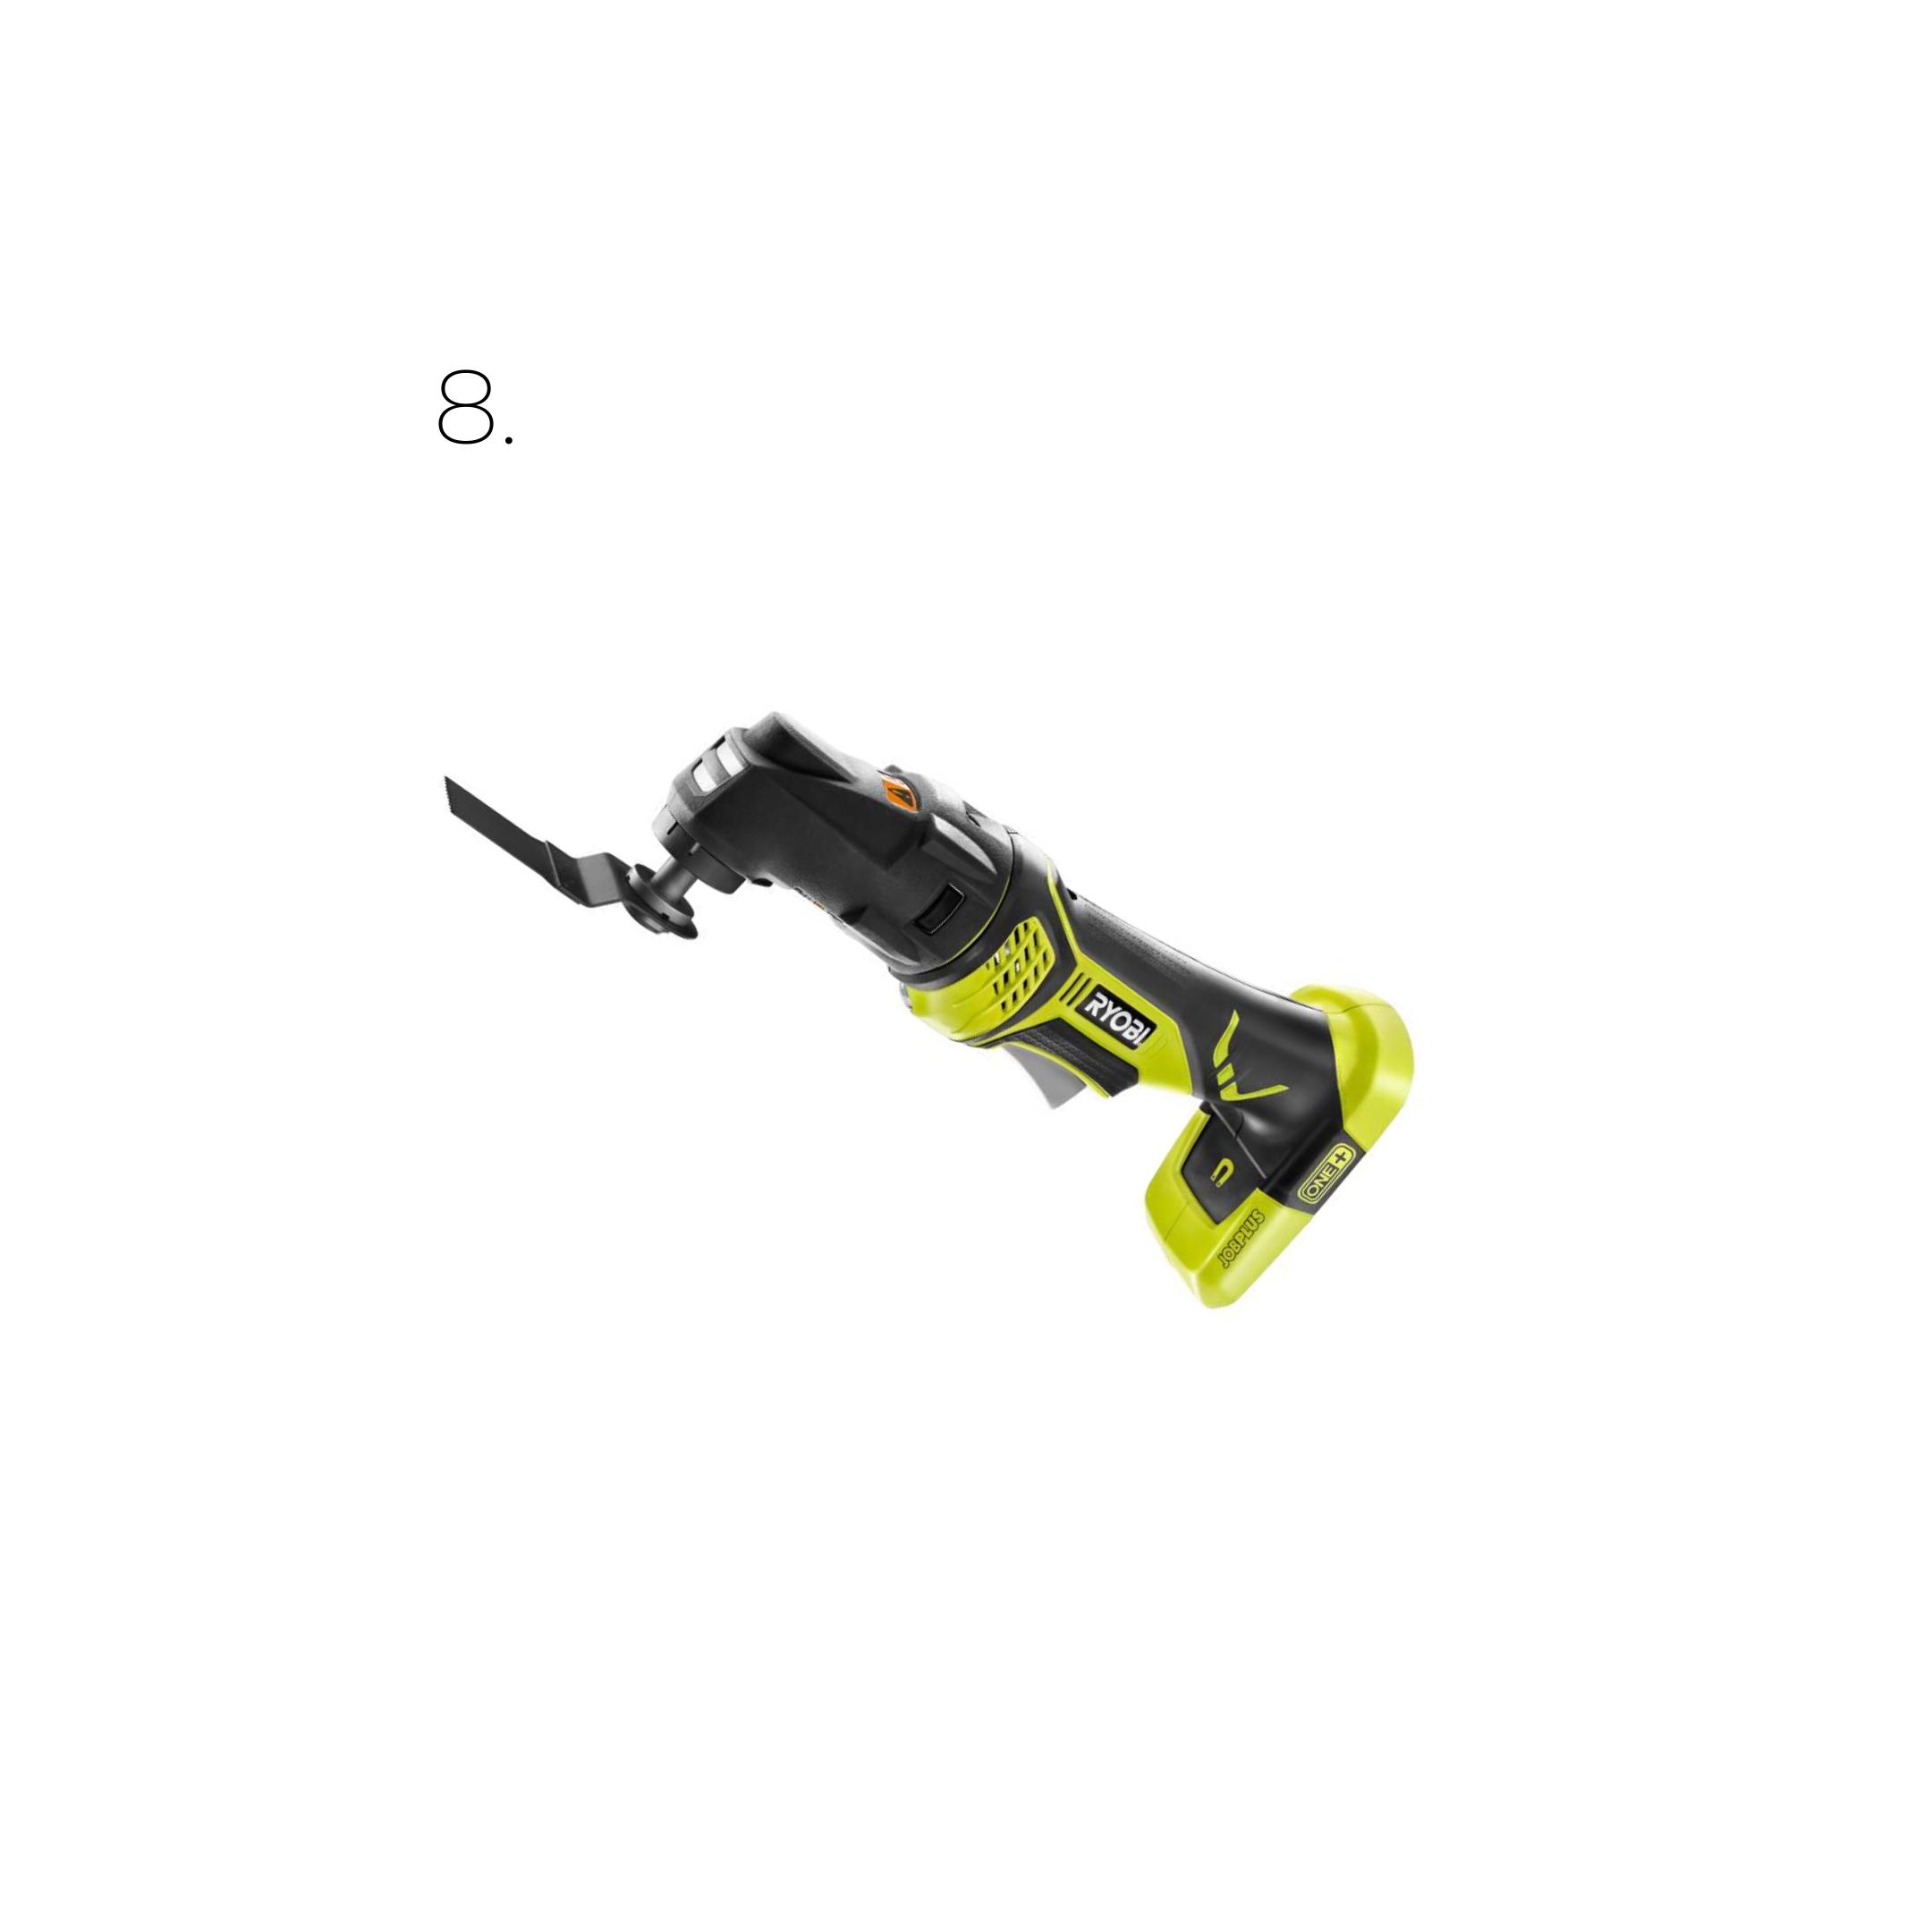 ryobi oscillating tool